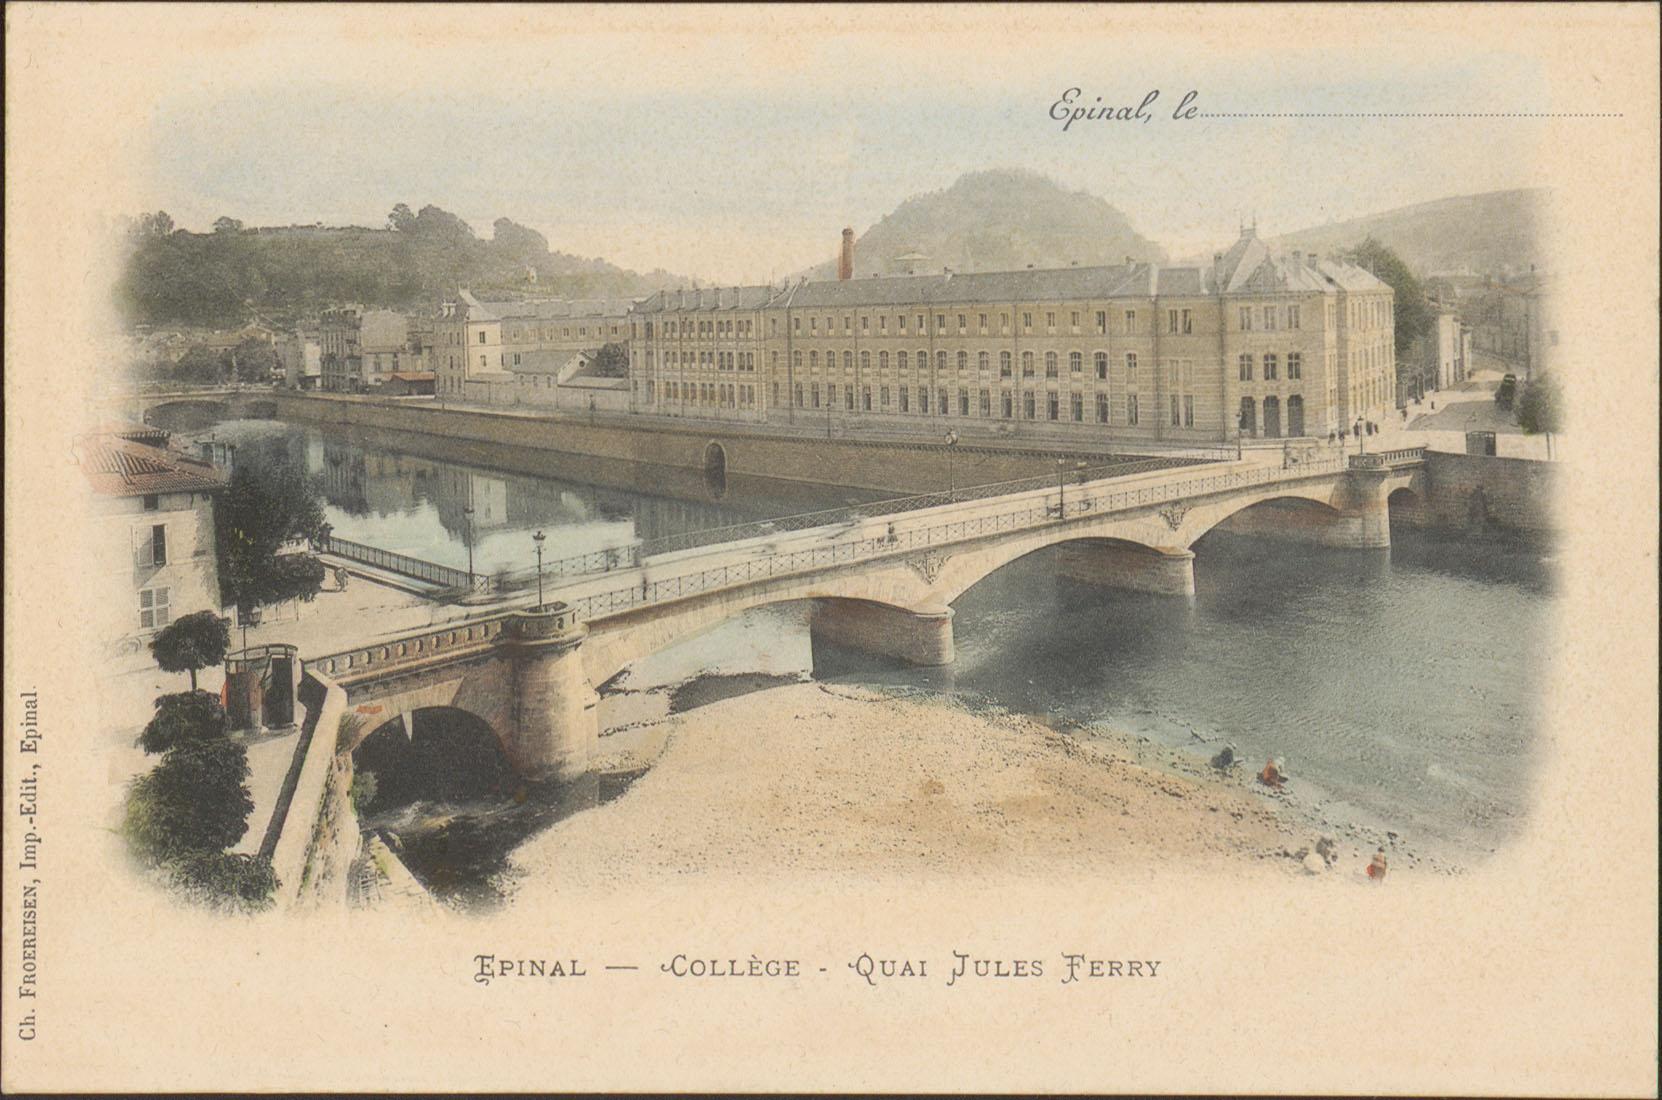 Contenu du Épinal, Collège, Quai Jules Ferry